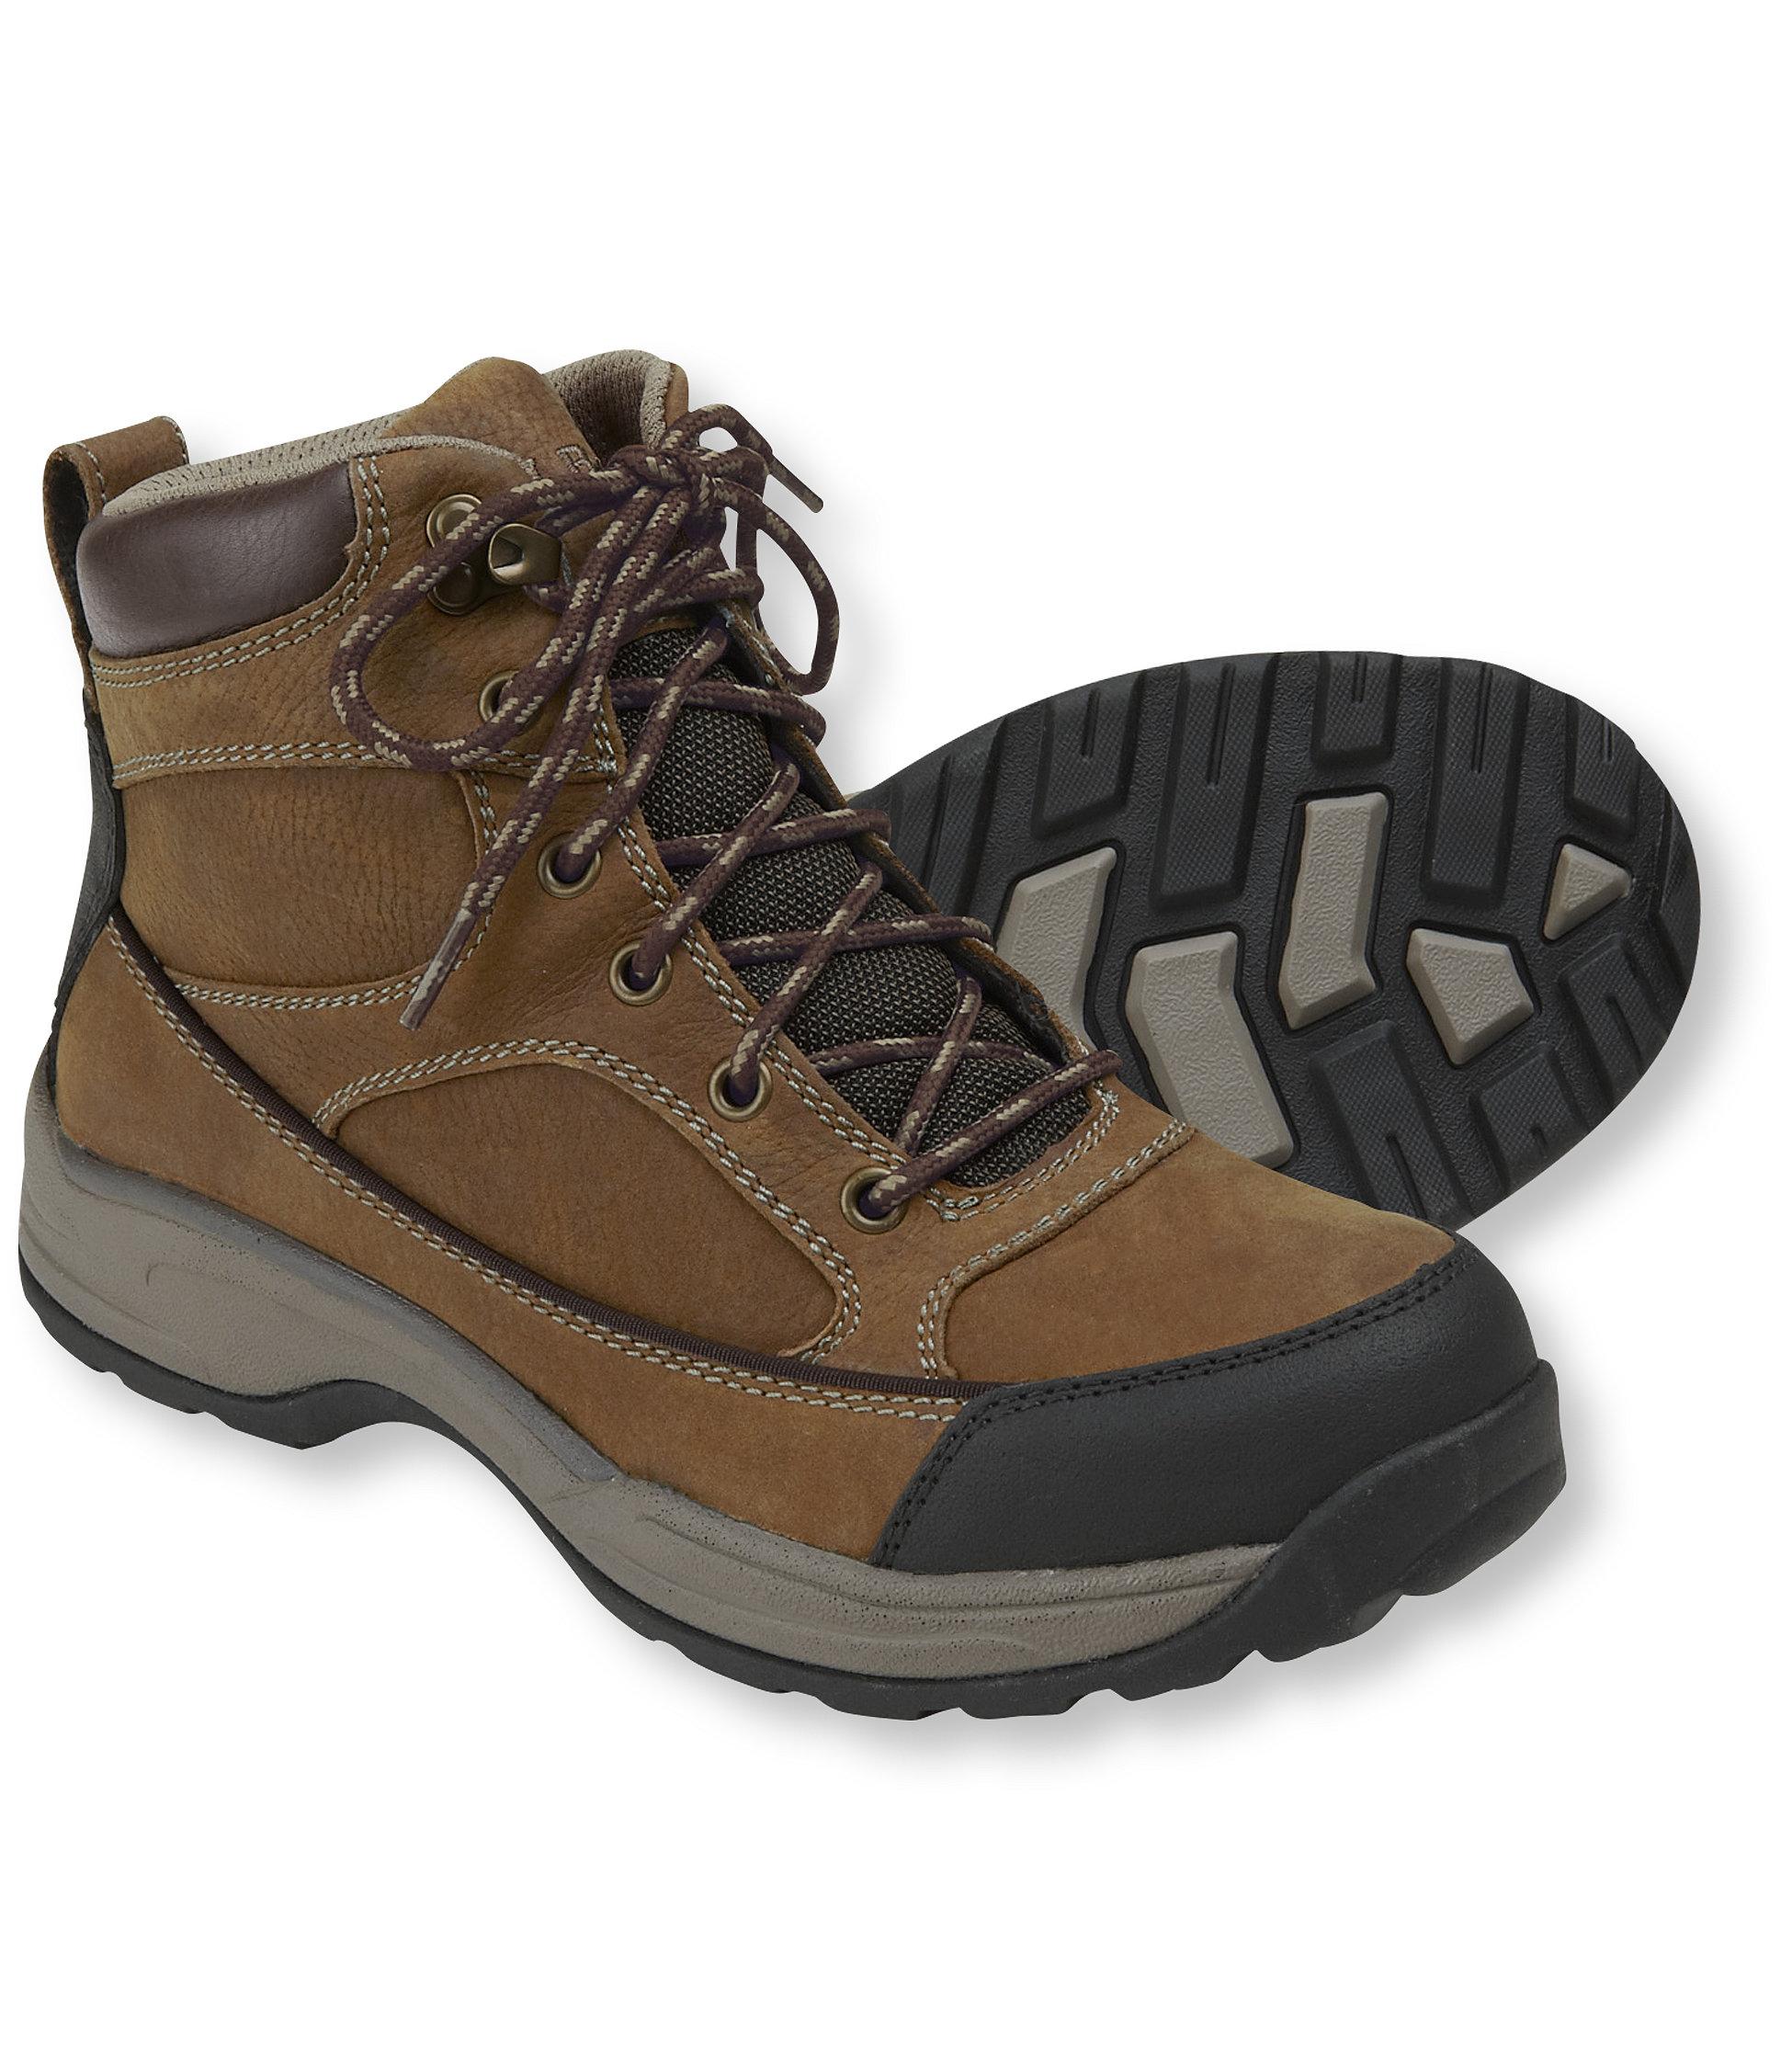 L.L.Bean Stonington Casual Boots